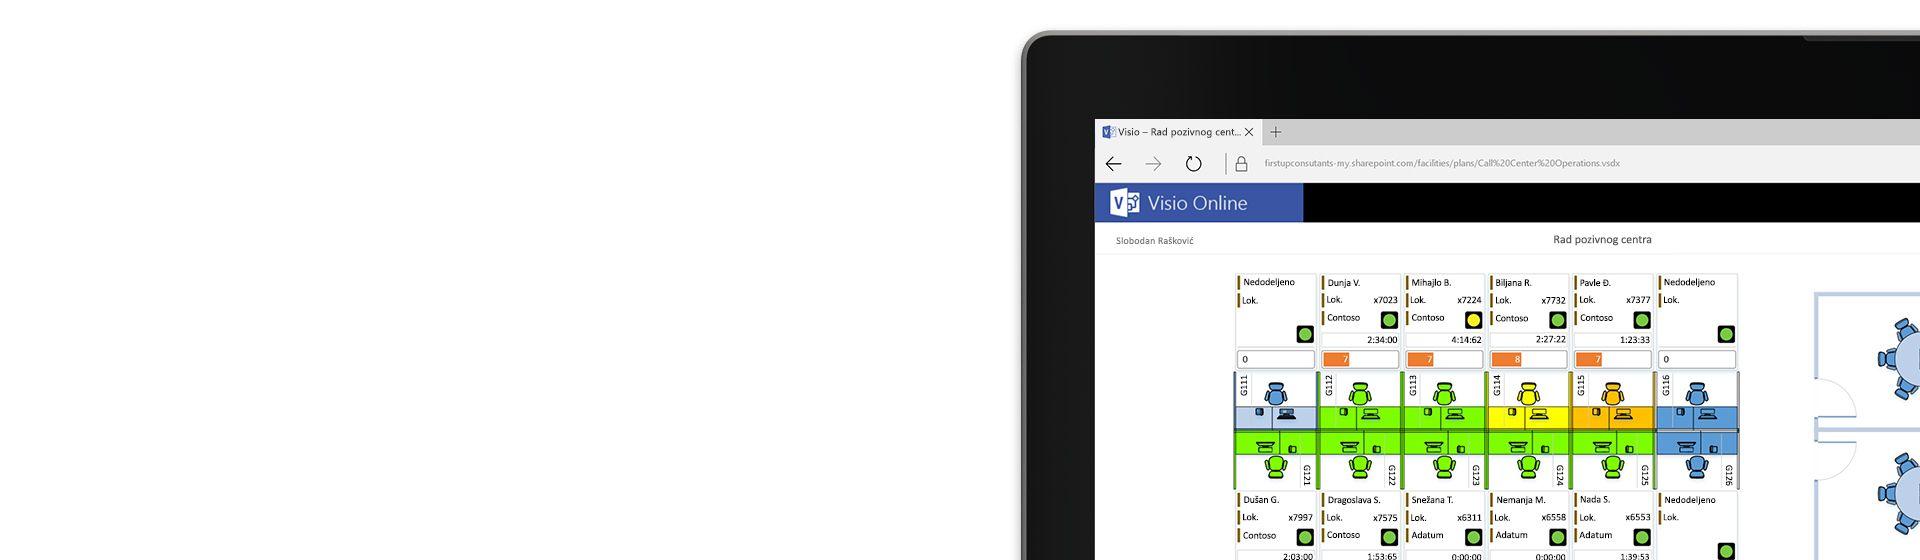 Ugao ekrana tableta koji prikazuje dijagram plana sprata korisničkog centra u programu Visio